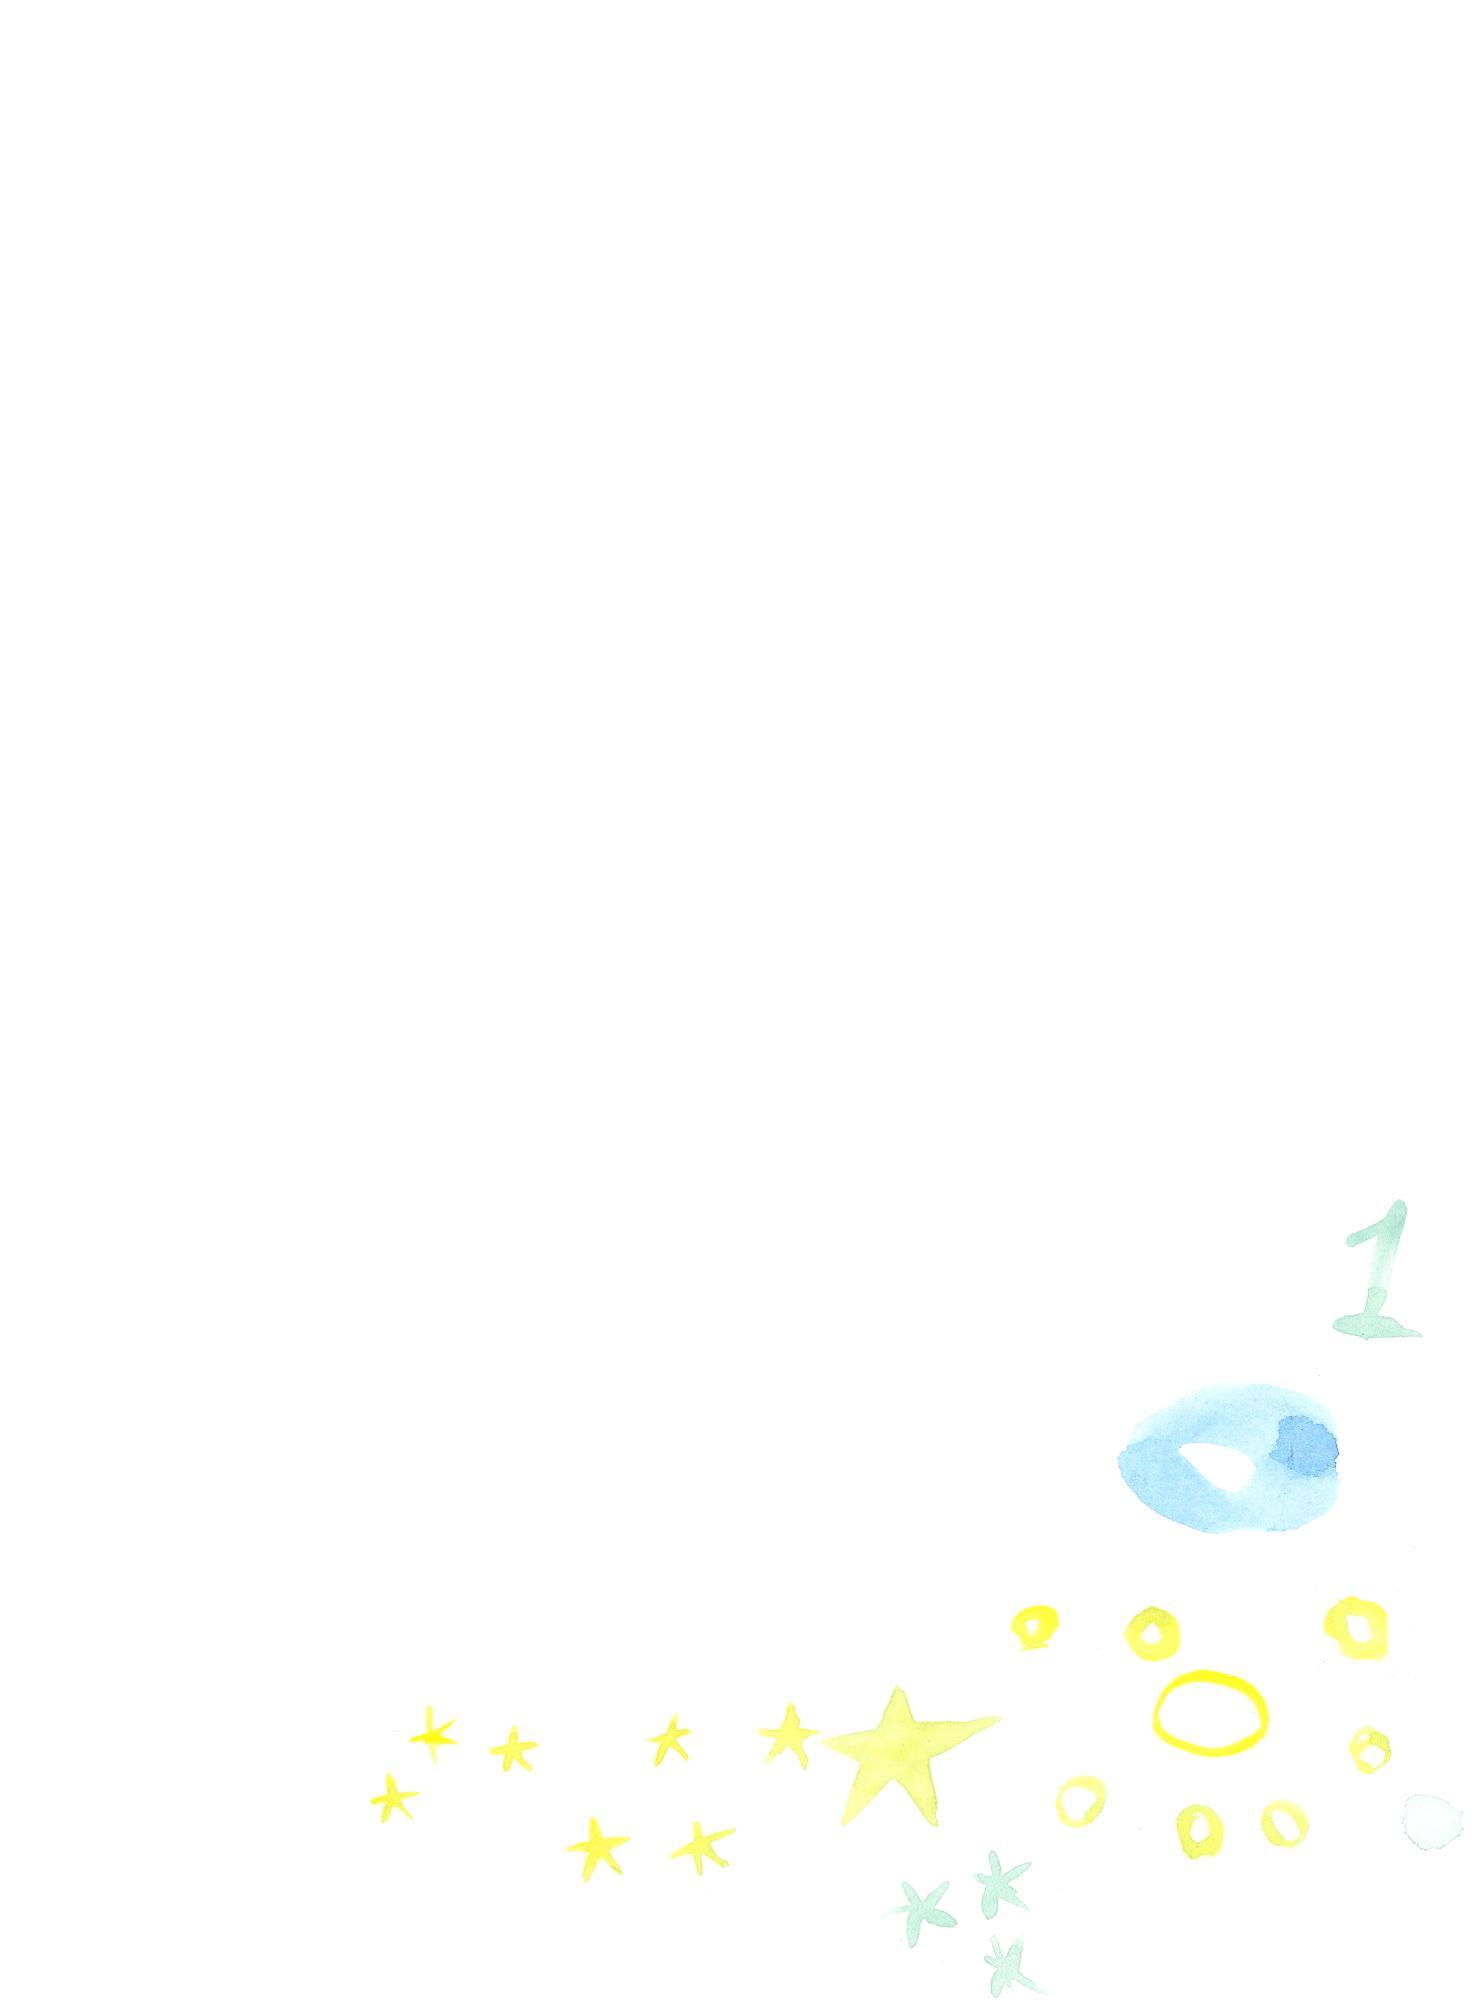 b0185236_1113878.jpg